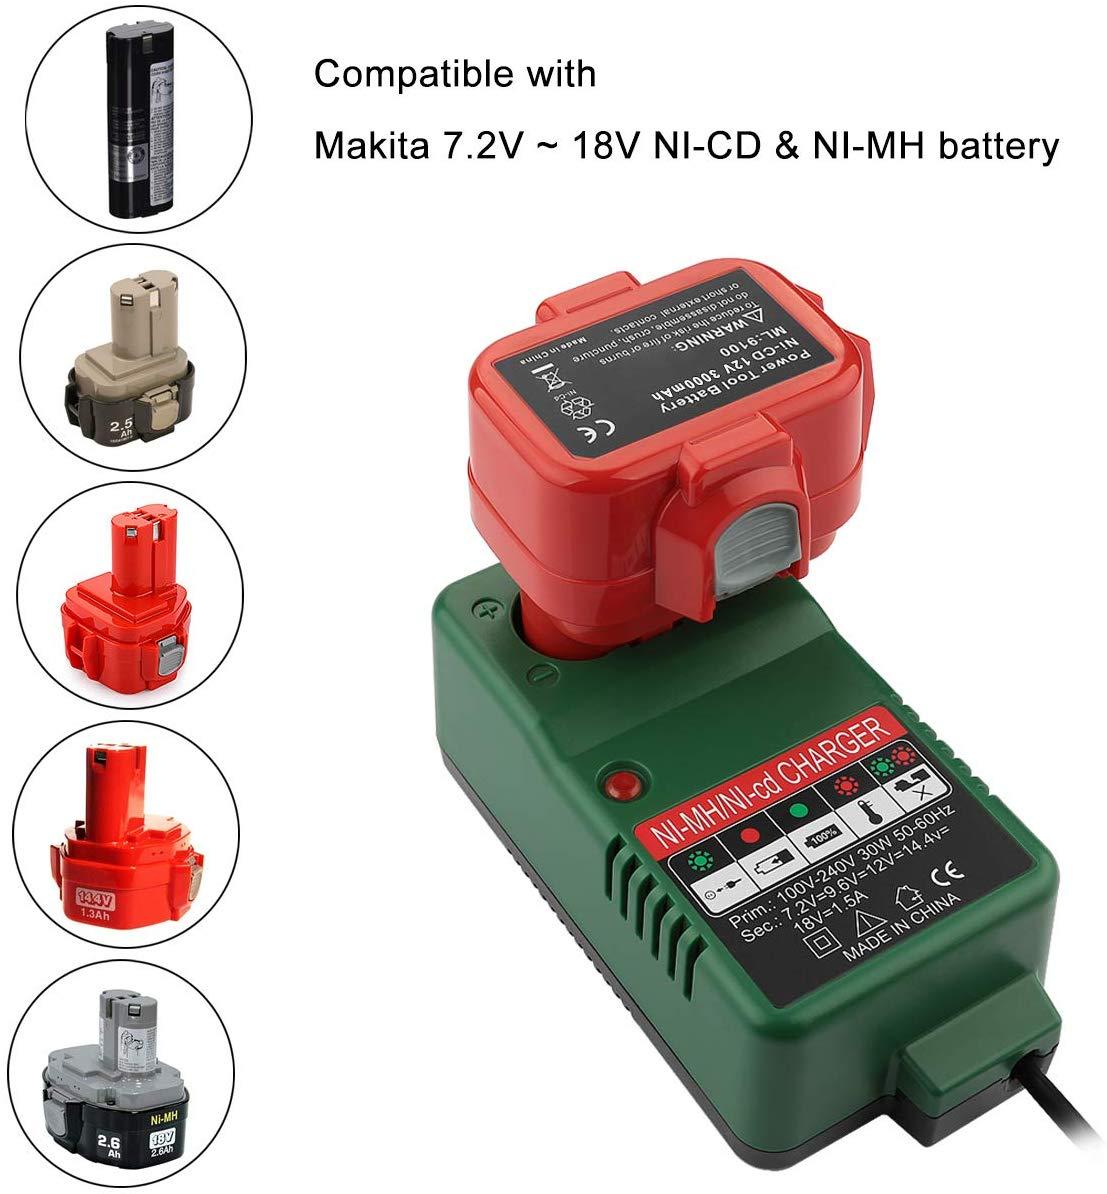 Battery Charger Tools For Makita NI-CD NI-MH Electric Drill Battery Charger 7.2V 9.6V 12V 14.4V 18V 6010D 6261D 6226DWE 6270D